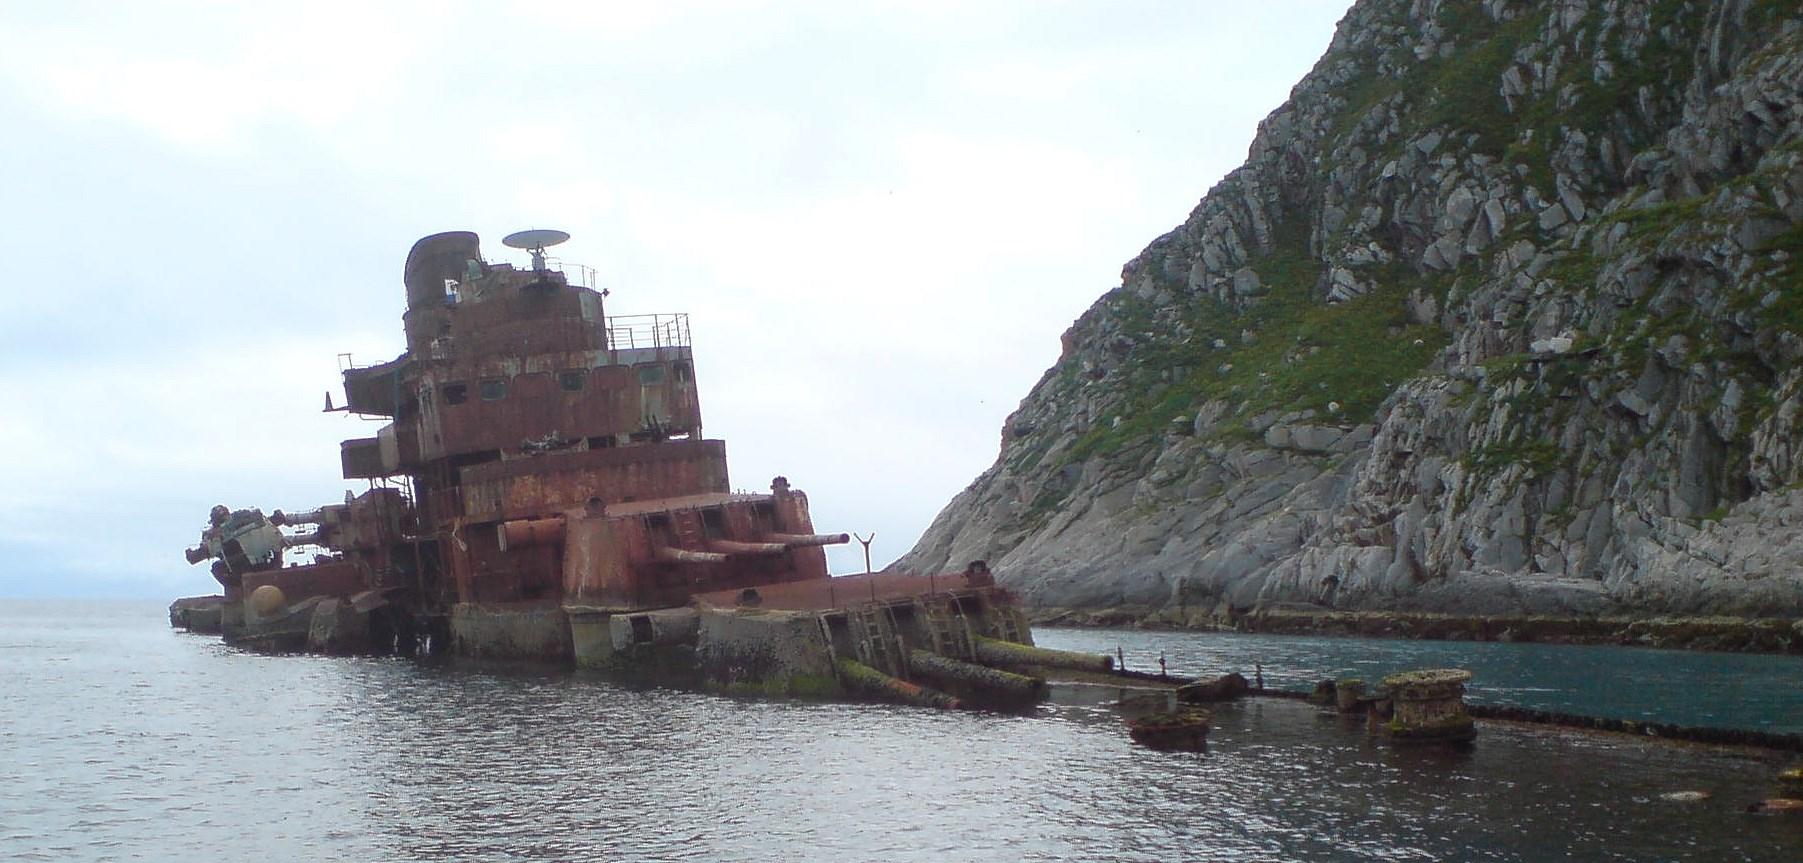 Pornovideos von Murmansk